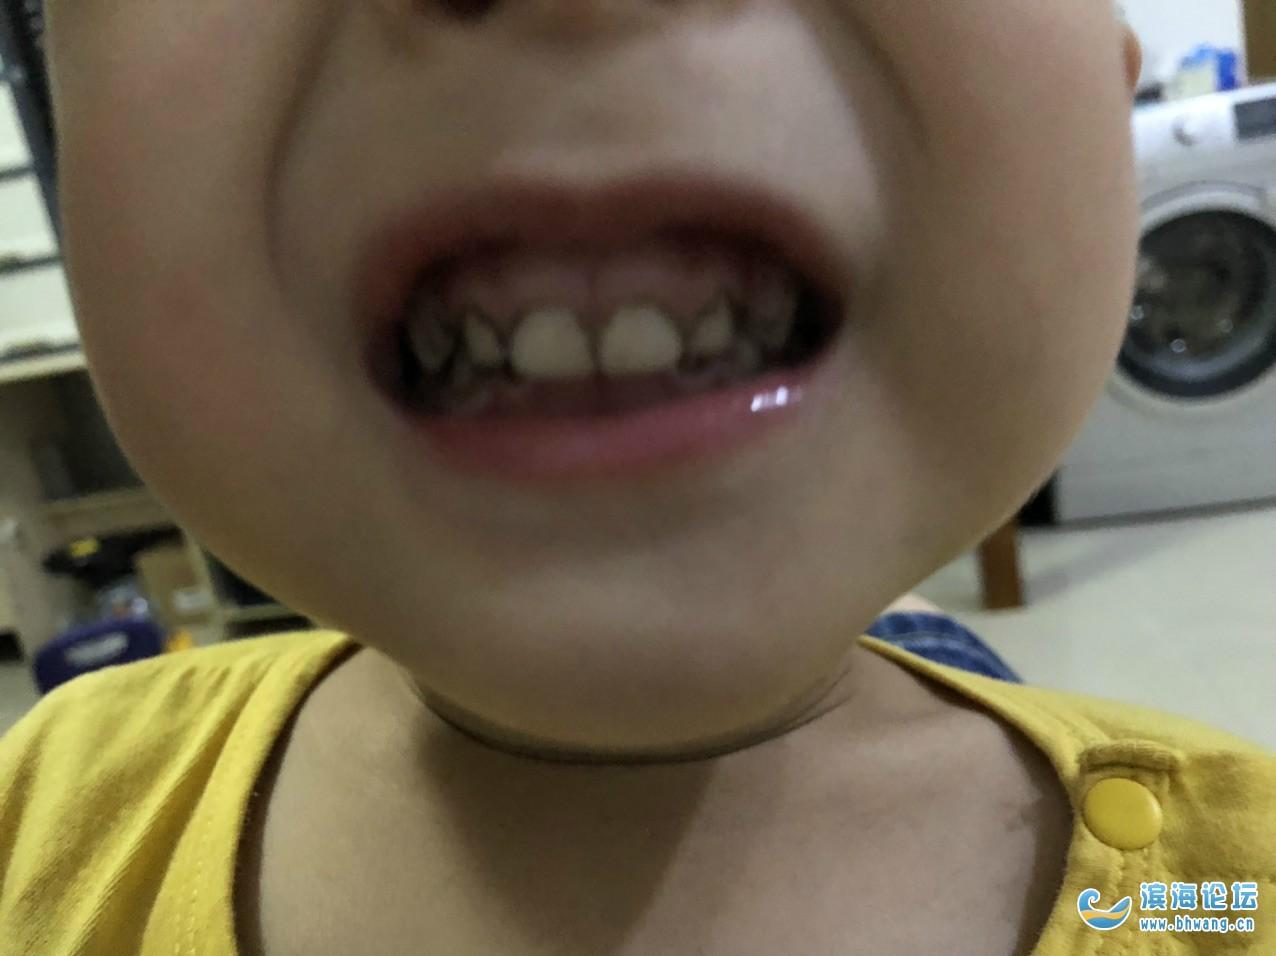 三周歲牙齒邊都是牙垢,有什么辦法清洗嗎?